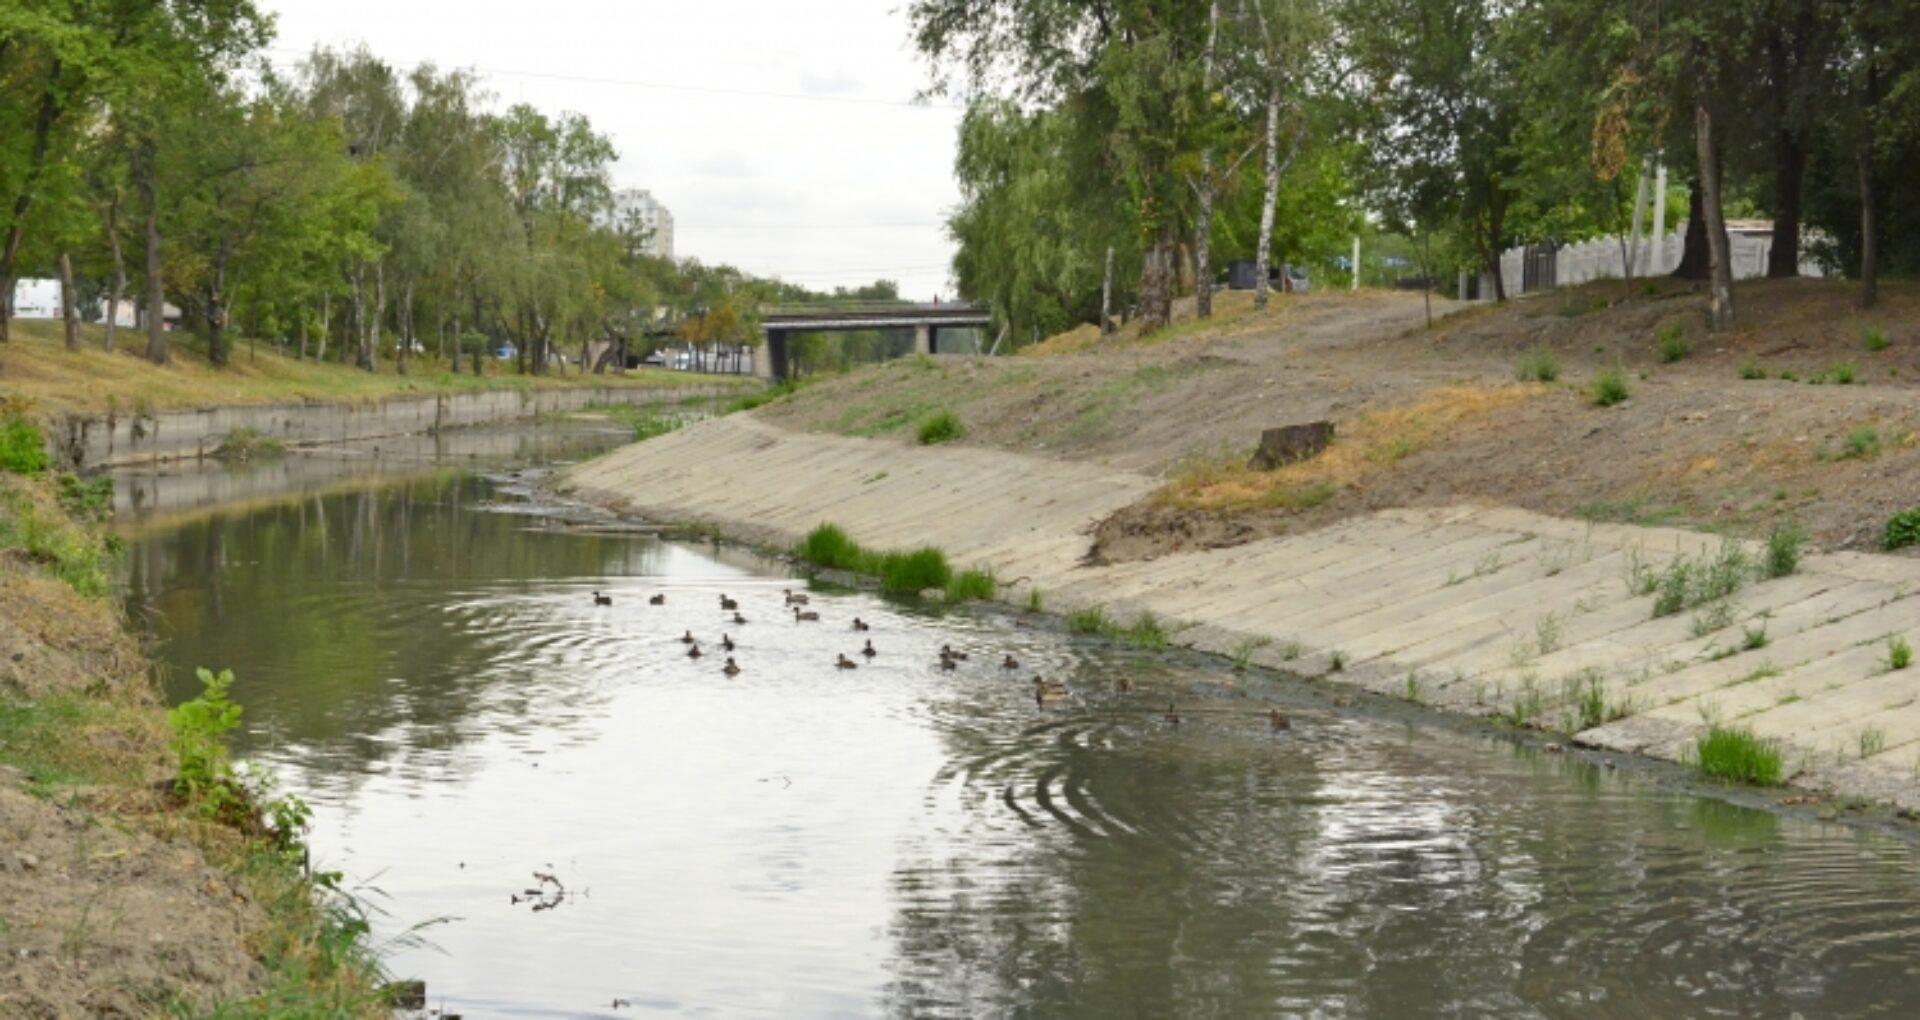 Autoritățile anunță că au fost finalizate lucrările de curățare a circa 2 km din albia râului Bâc